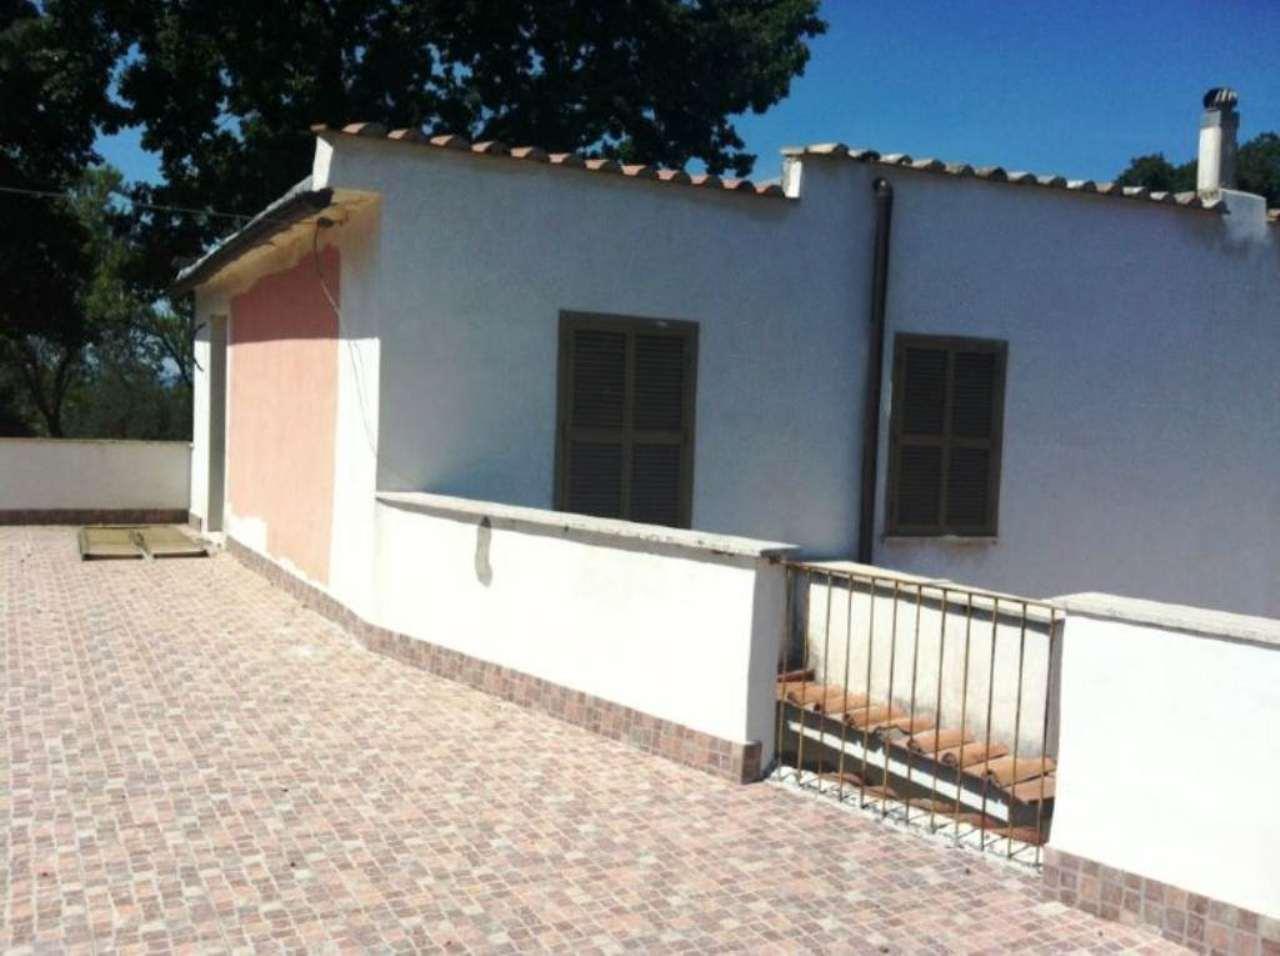 Villa in vendita a Tivoli, 6 locali, prezzo € 315.000 | CambioCasa.it